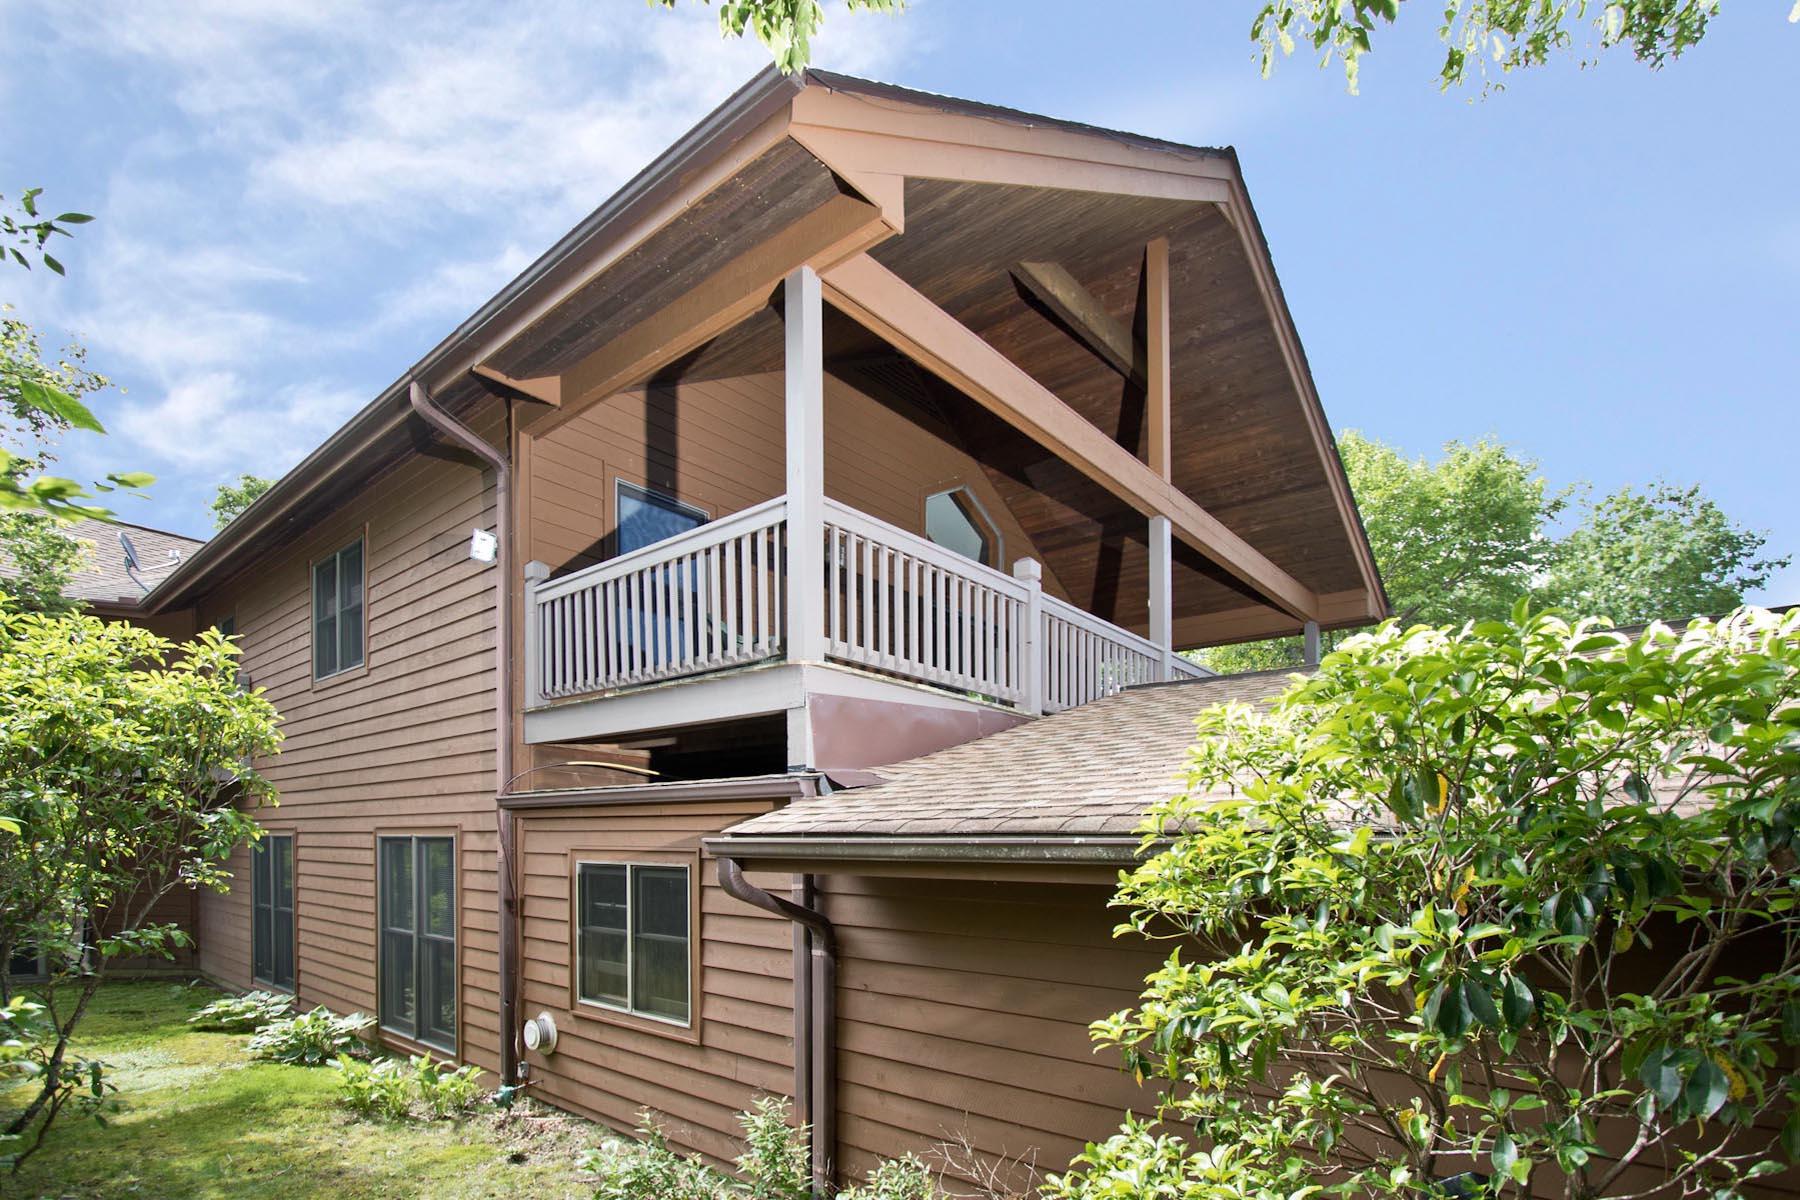 Частный односемейный дом для того Продажа на 196 Scenic Drive 196 Scenic Drive Dillard, Джорджия 30537 Соединенные Штаты